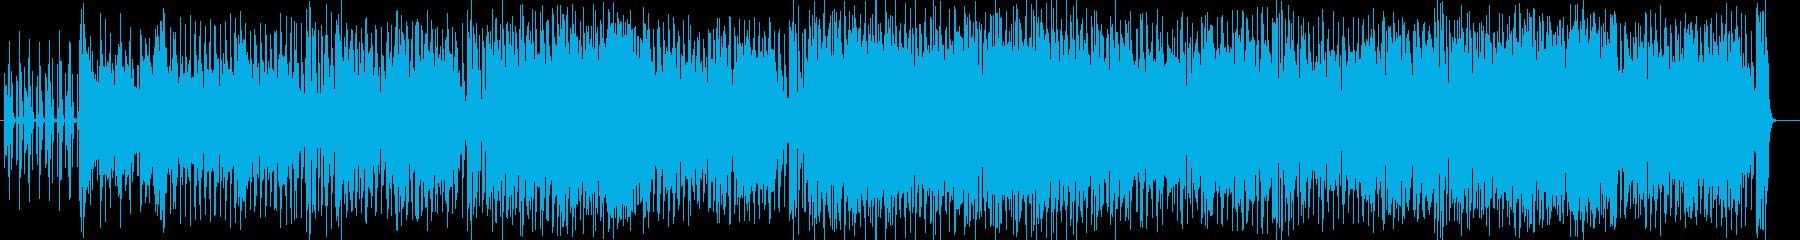 爽やかで感動的でファンキーなフュージョンの再生済みの波形